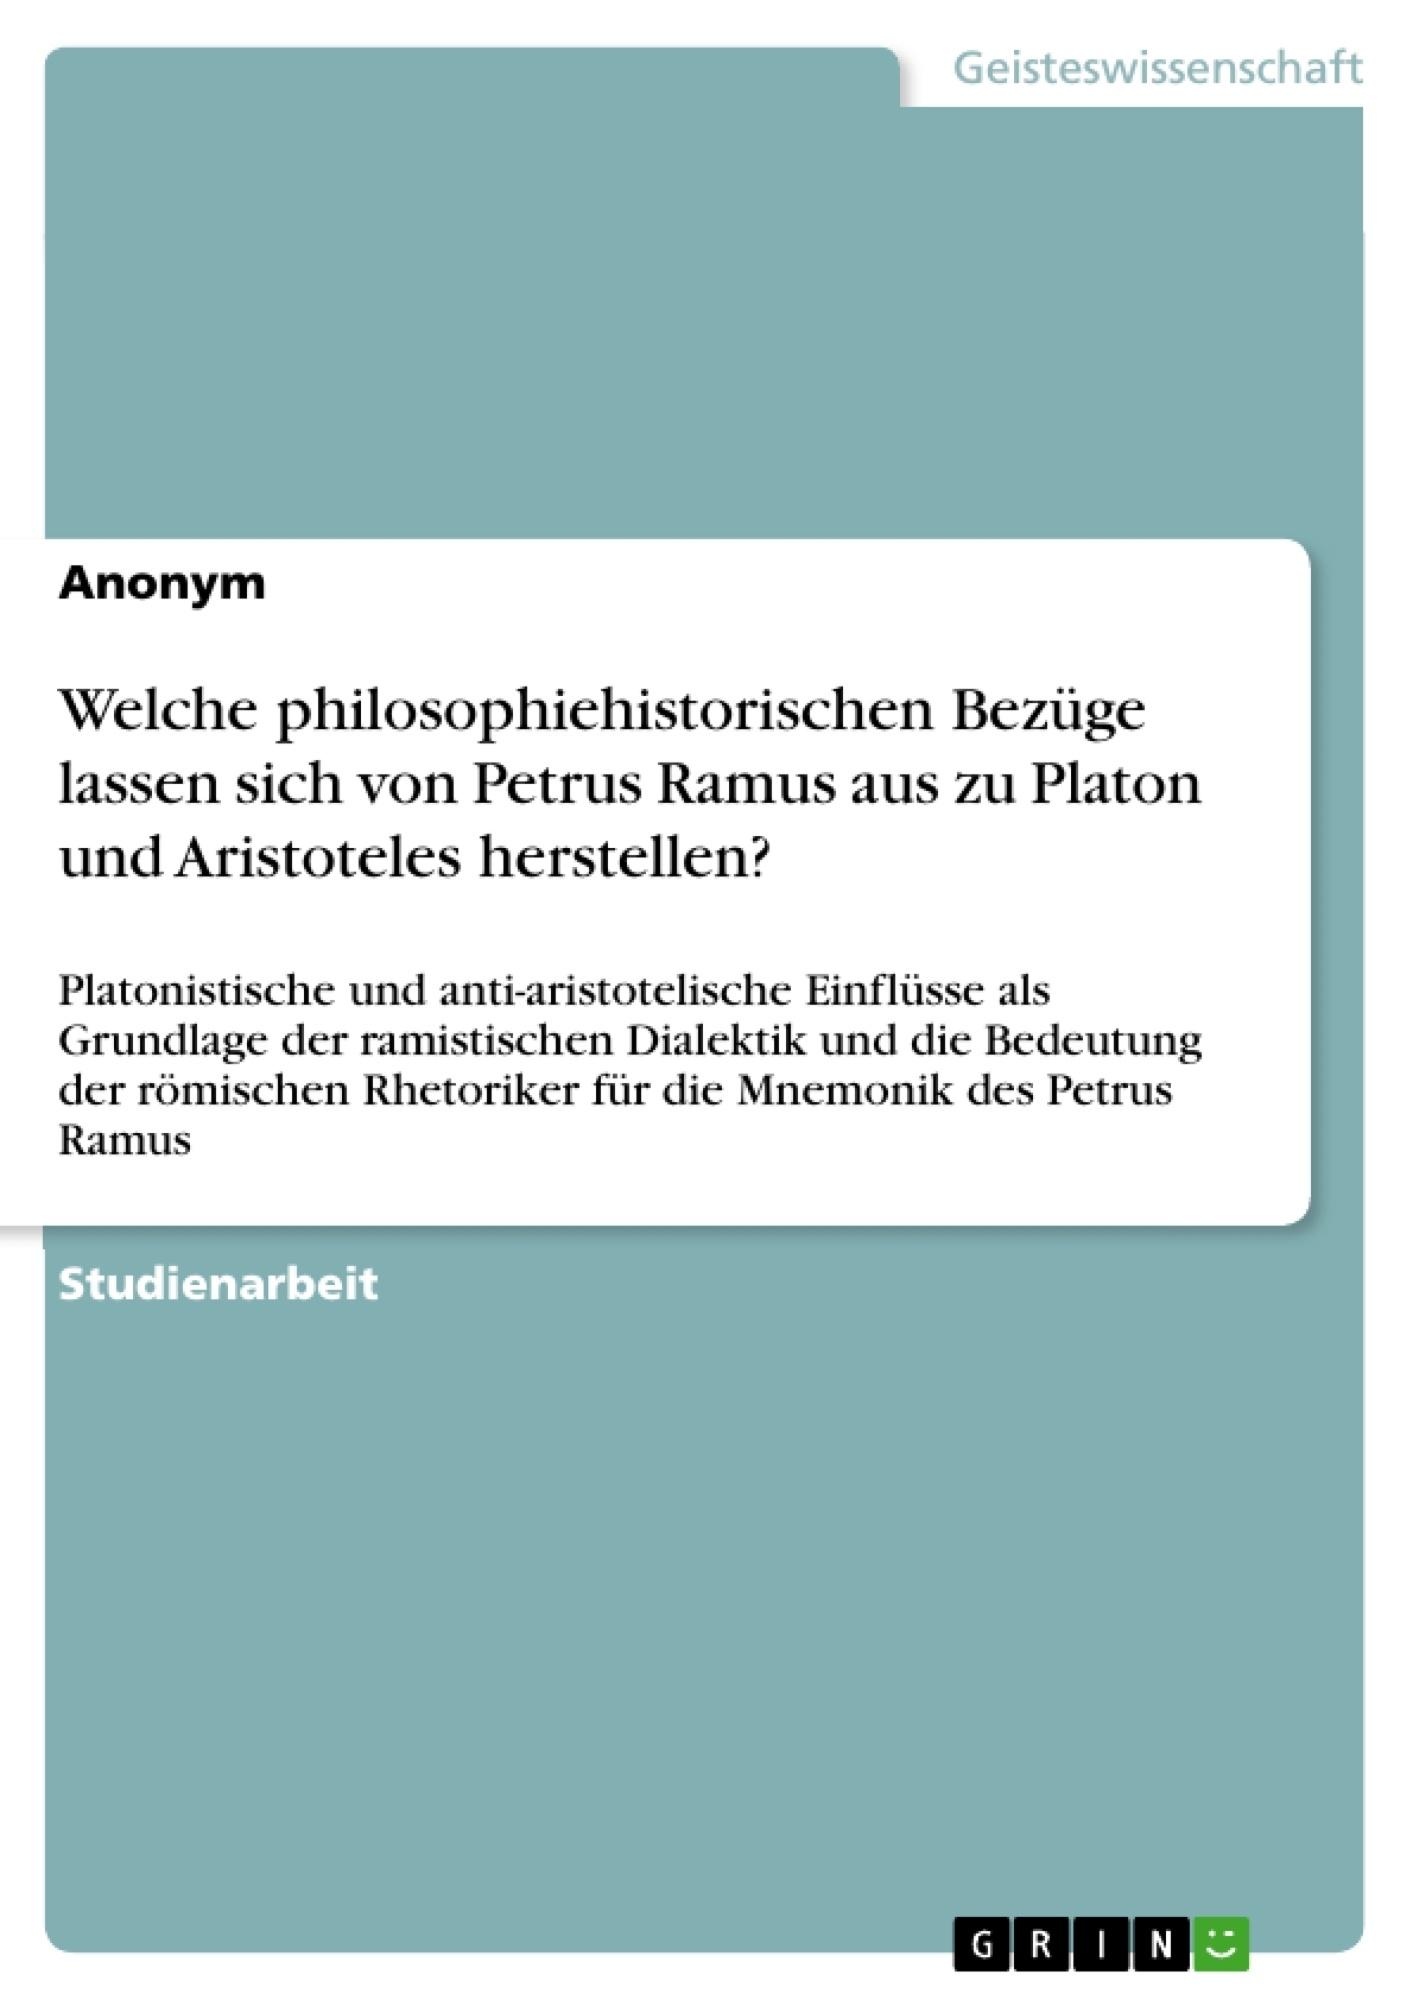 Titel: Welche philosophiehistorischen Bezüge lassen sich von Petrus Ramus aus zu Platon und Aristoteles herstellen?